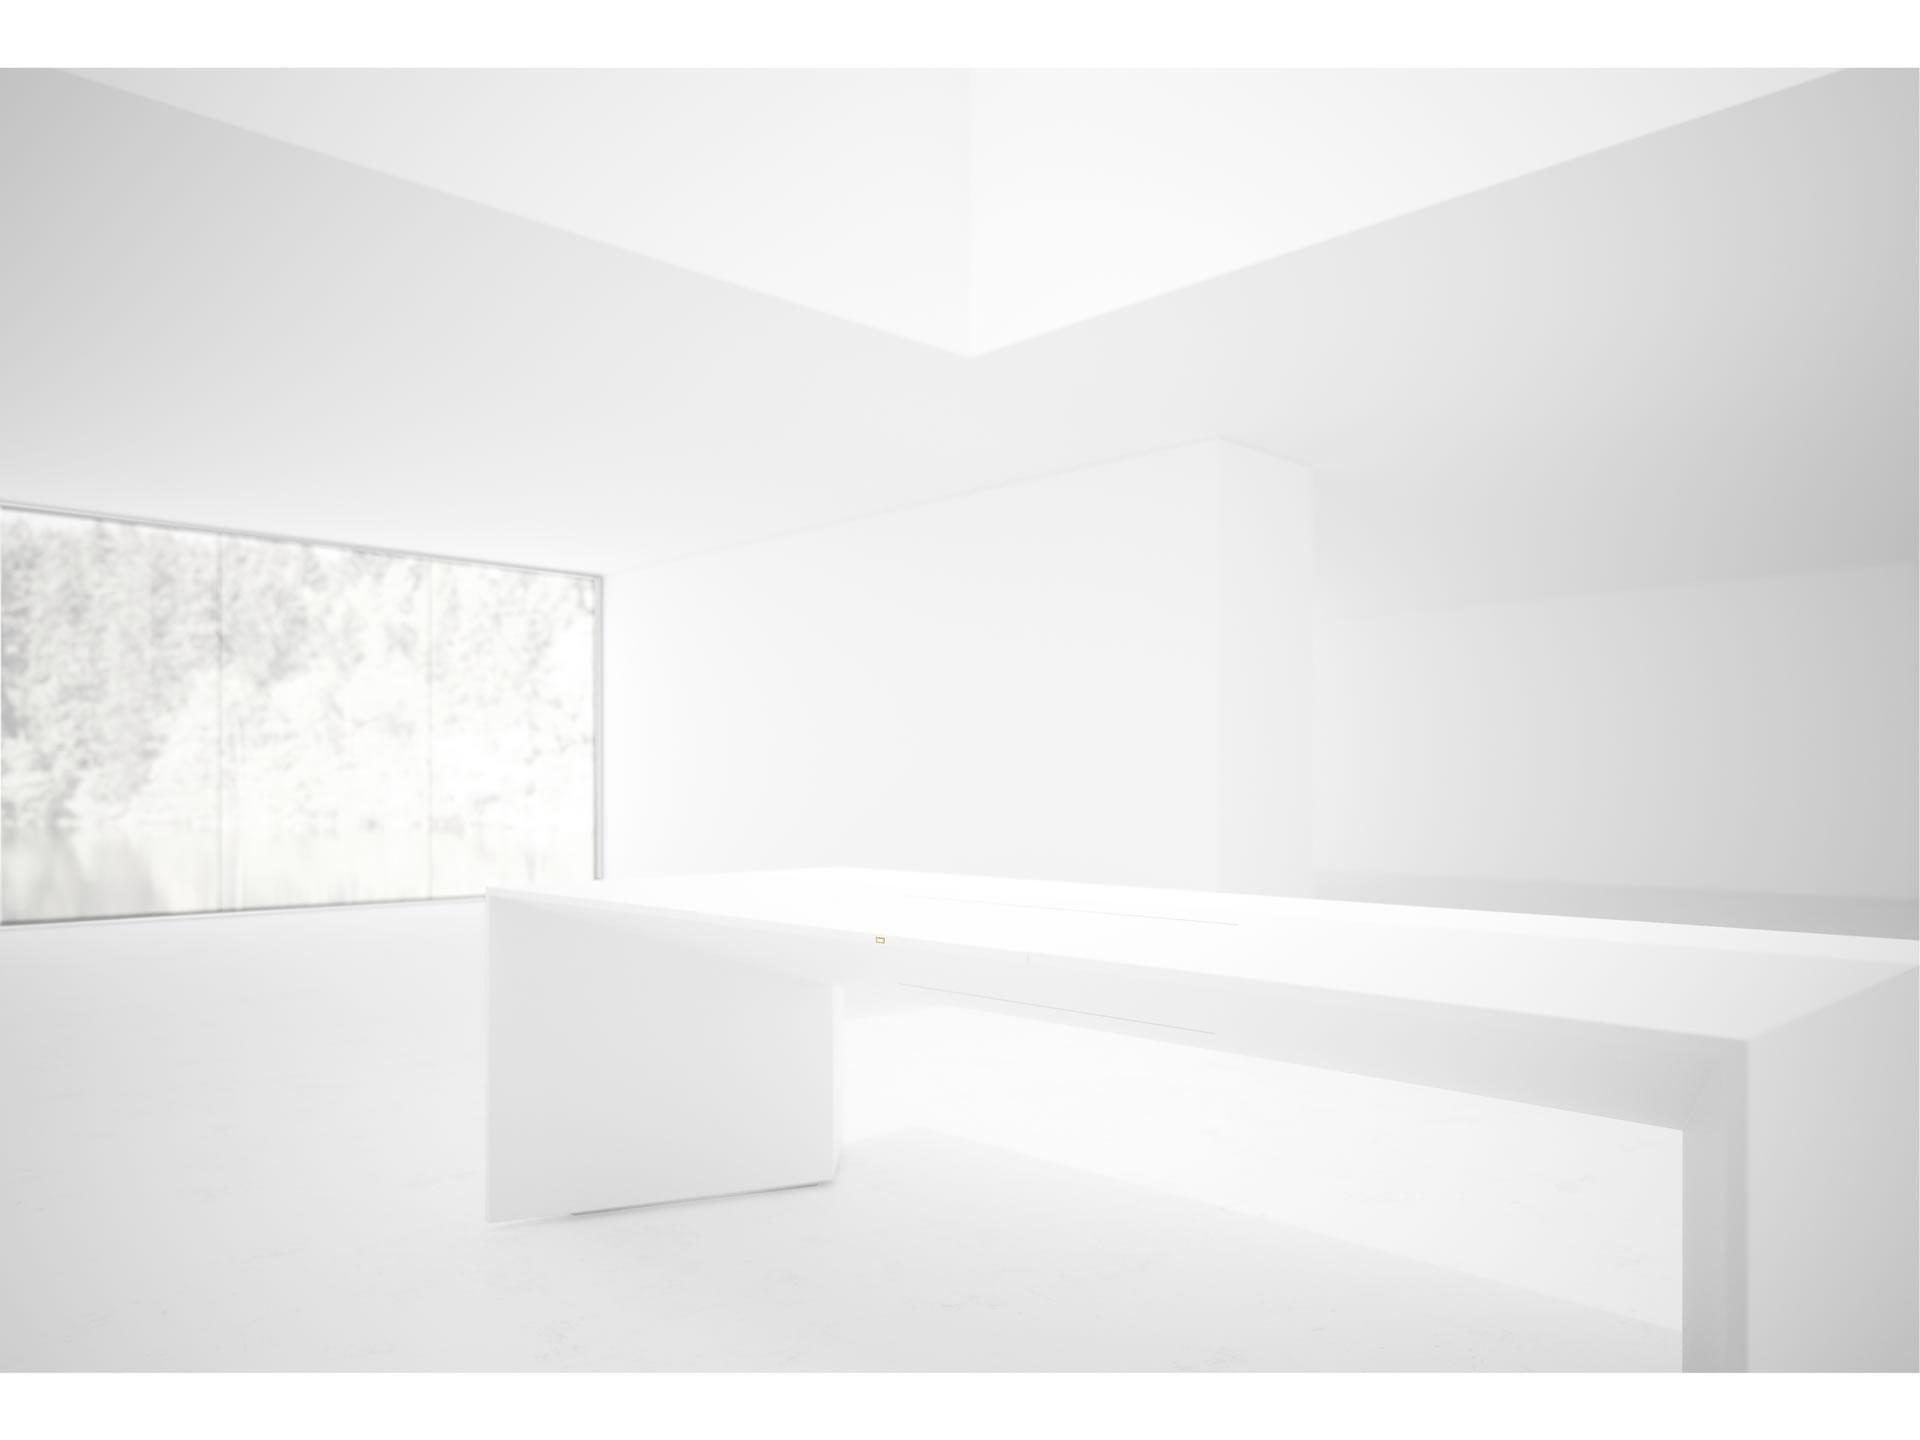 schreibtisch i i klavierlack schwarz felix schwake. Black Bedroom Furniture Sets. Home Design Ideas